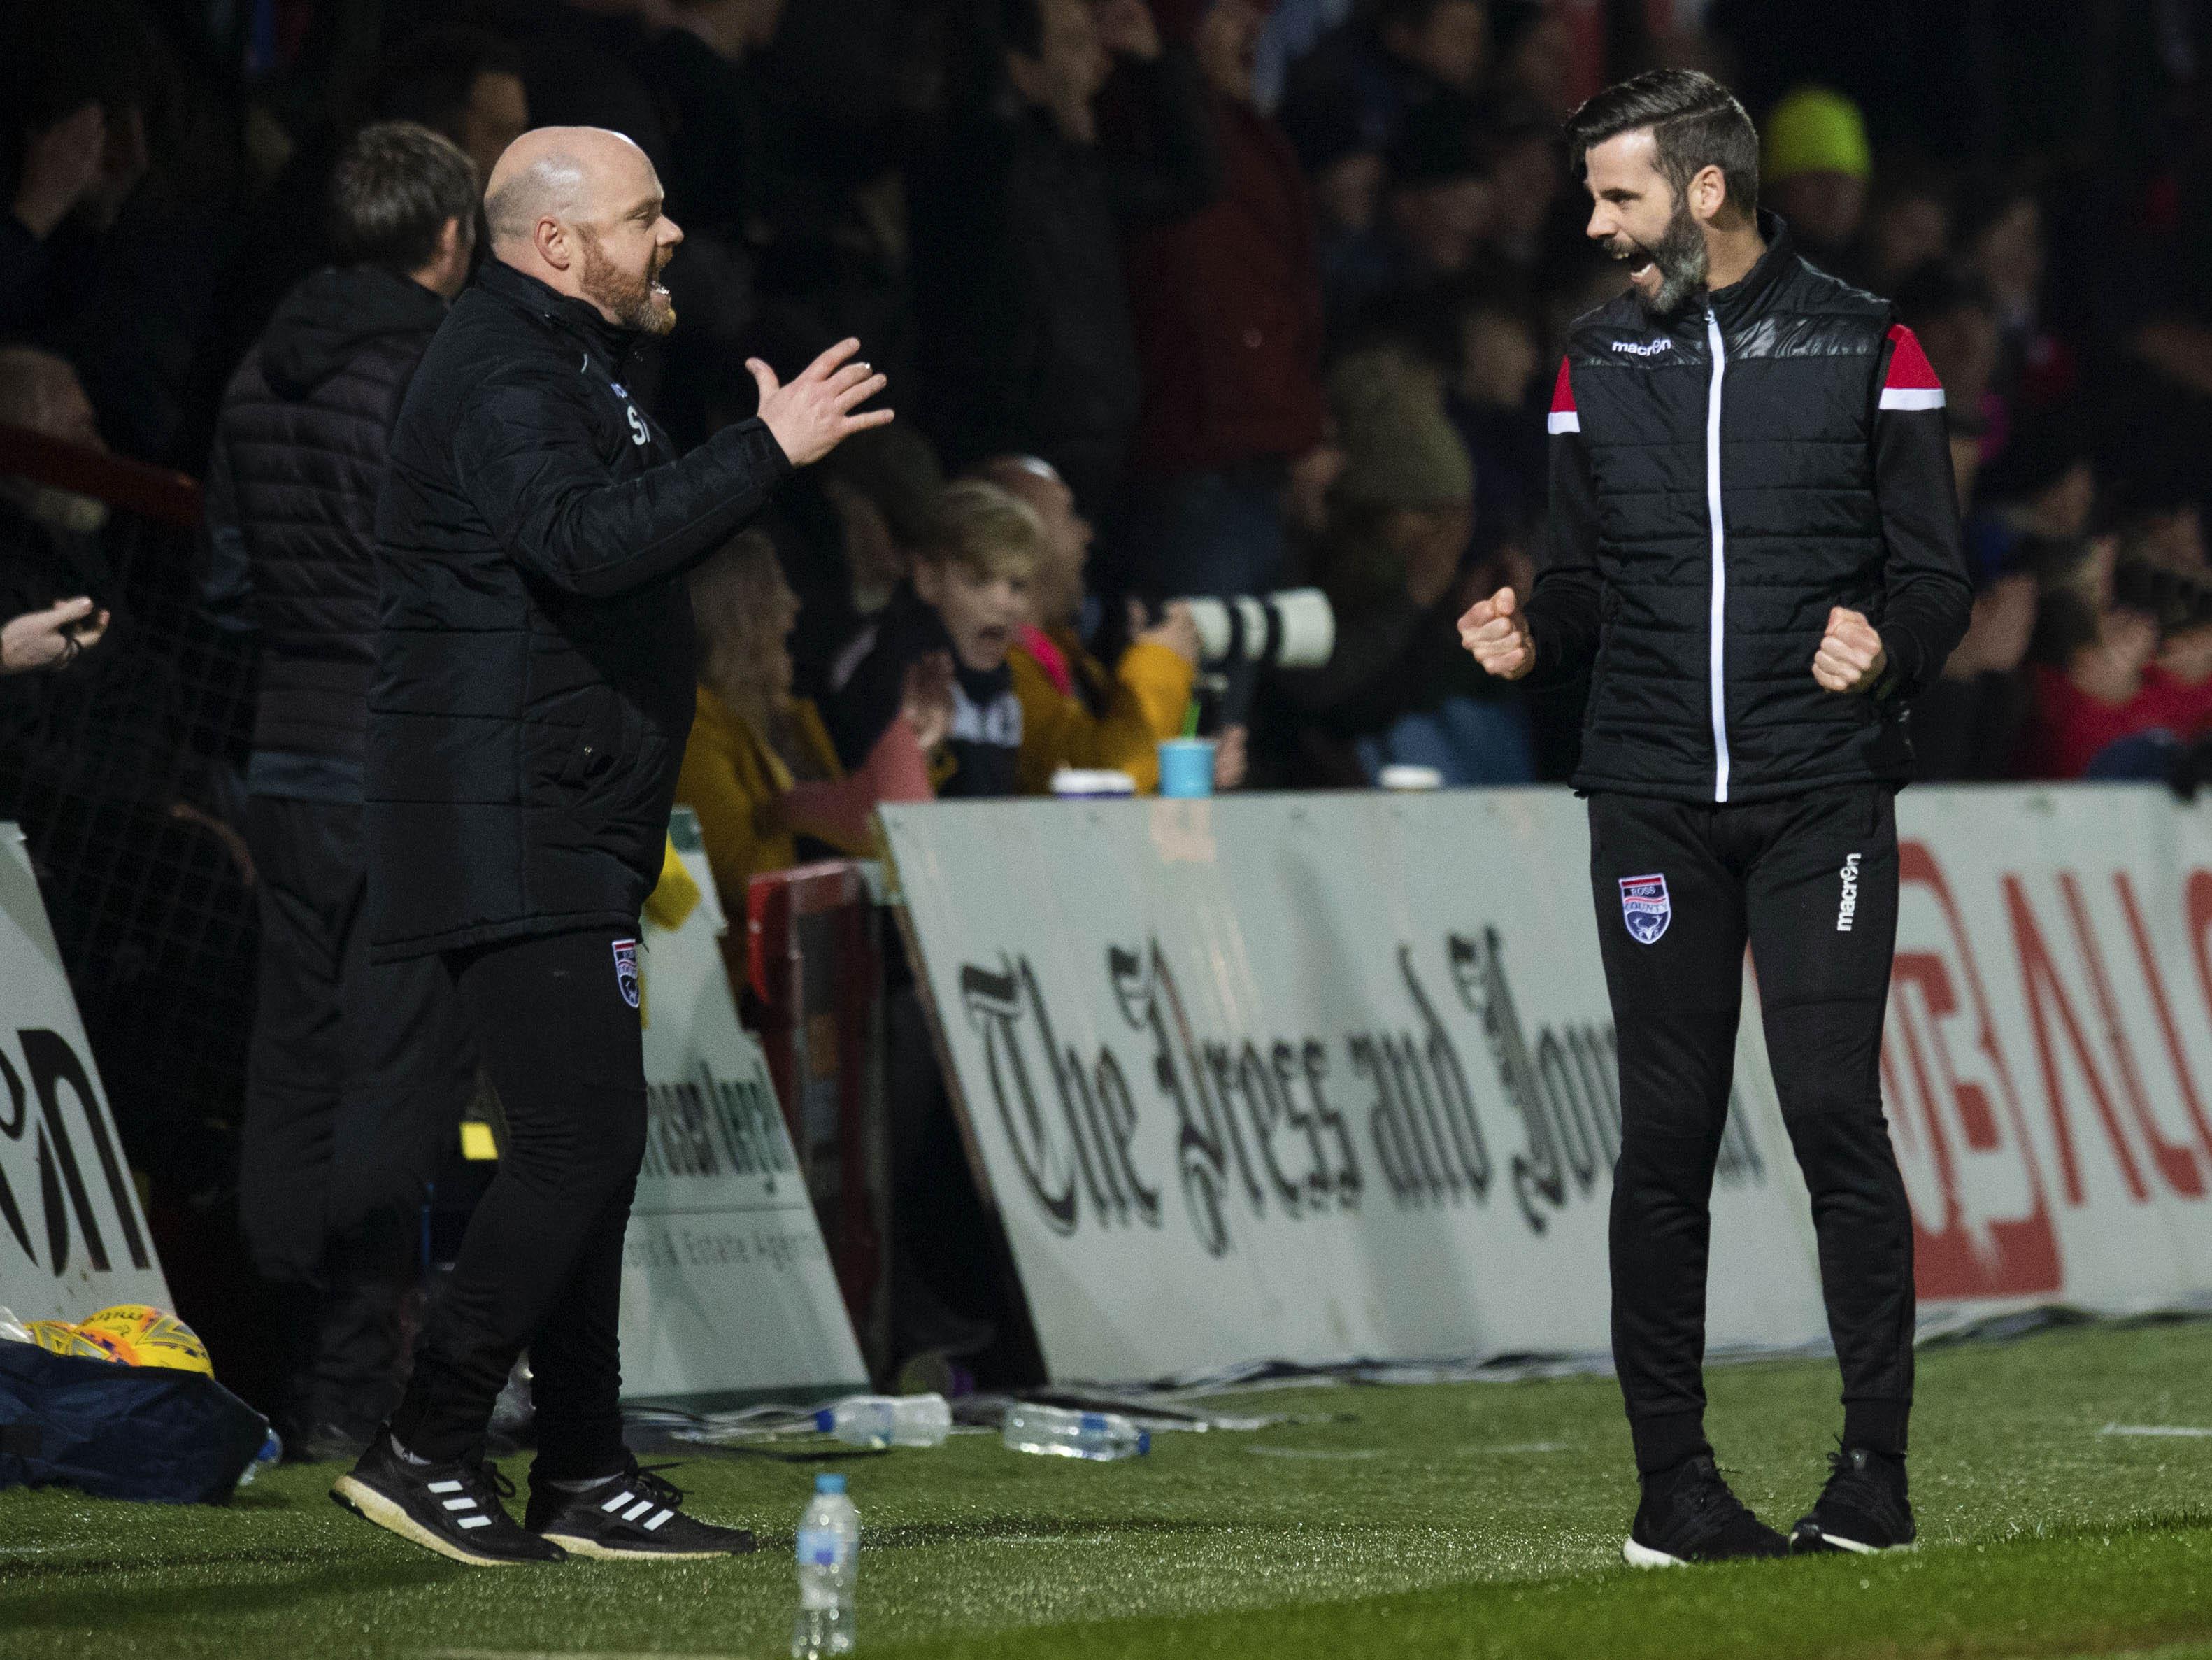 Ross County managers Steven Ferguson (L) and Stuart Kettlewell.